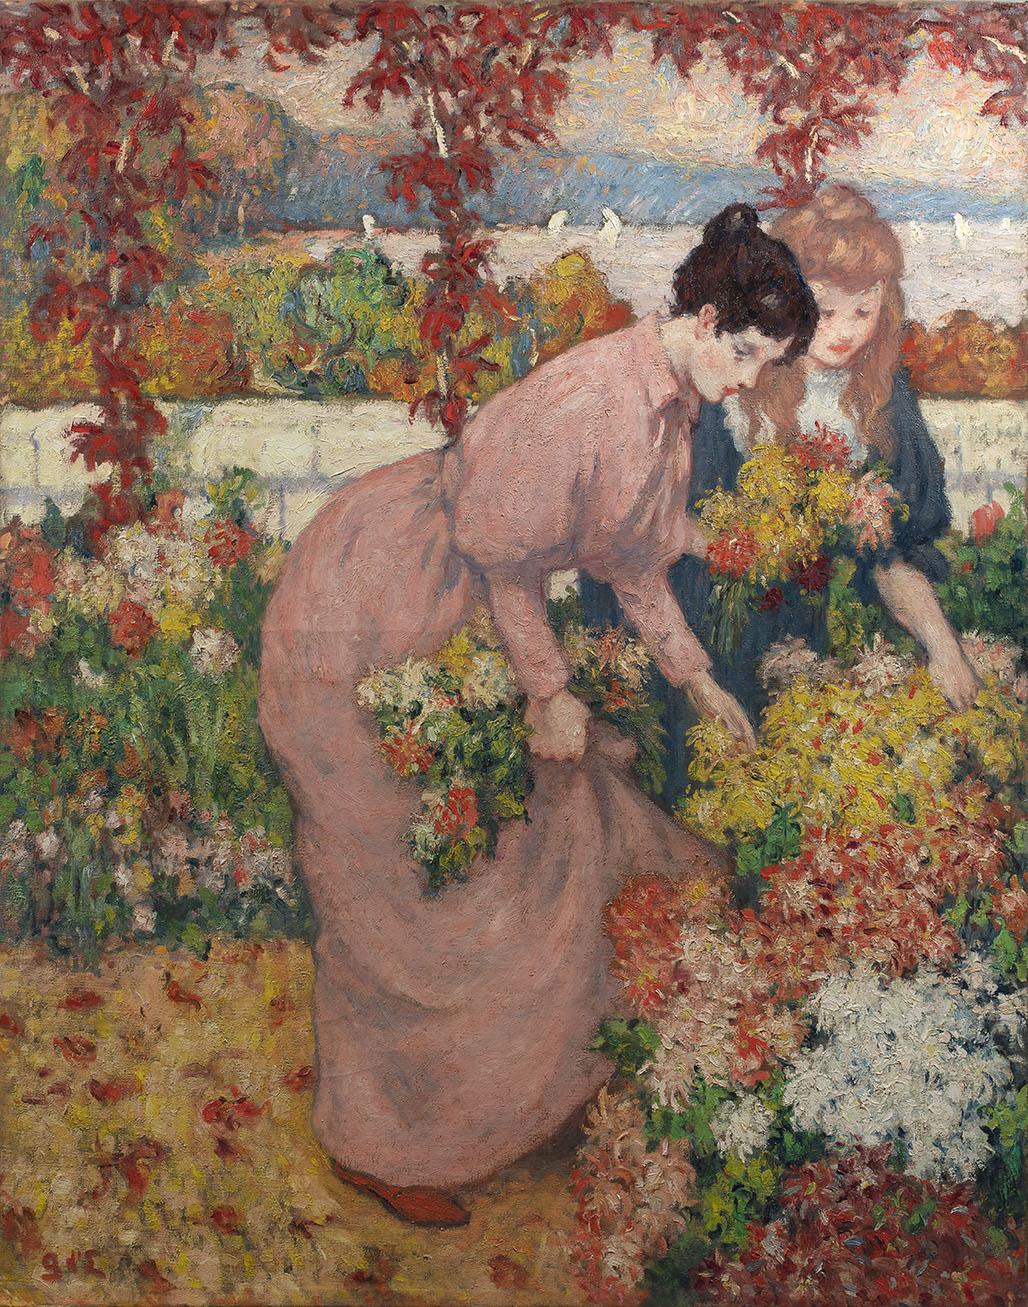 Paul Durand-Ruel et le Post-Impressionnisme, exposition à la Propriété Caillebotte